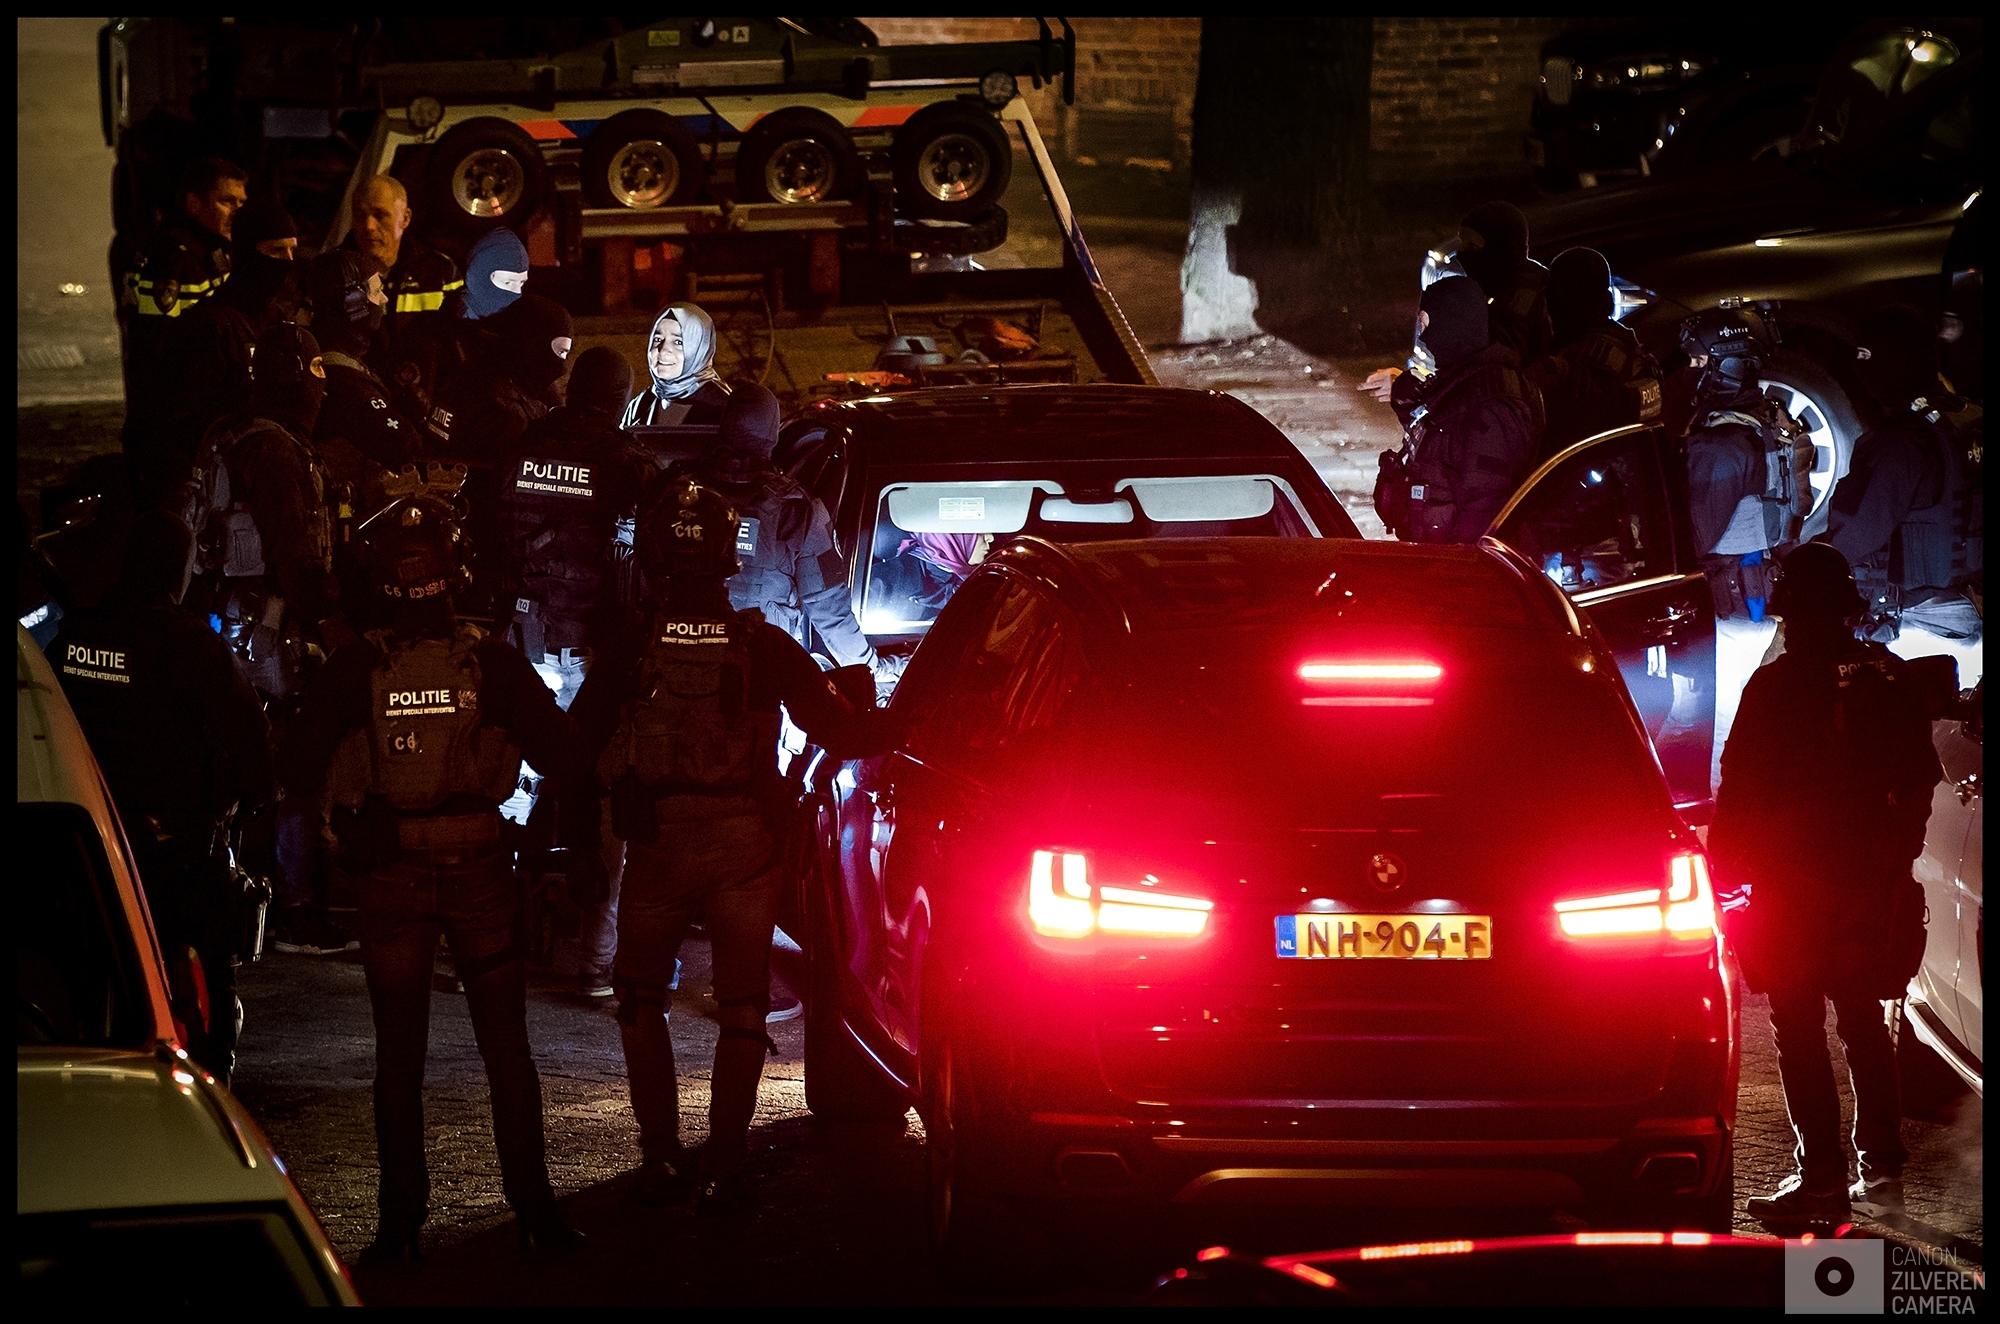 ROTTERDAM - De politie onderhandeld met de Turkse minister Fatma Betul Sayan Kaya van Familiezaken nadat gedreigd is de minister in haar auto met de klaarstaande kraanwagen weg te slepen.